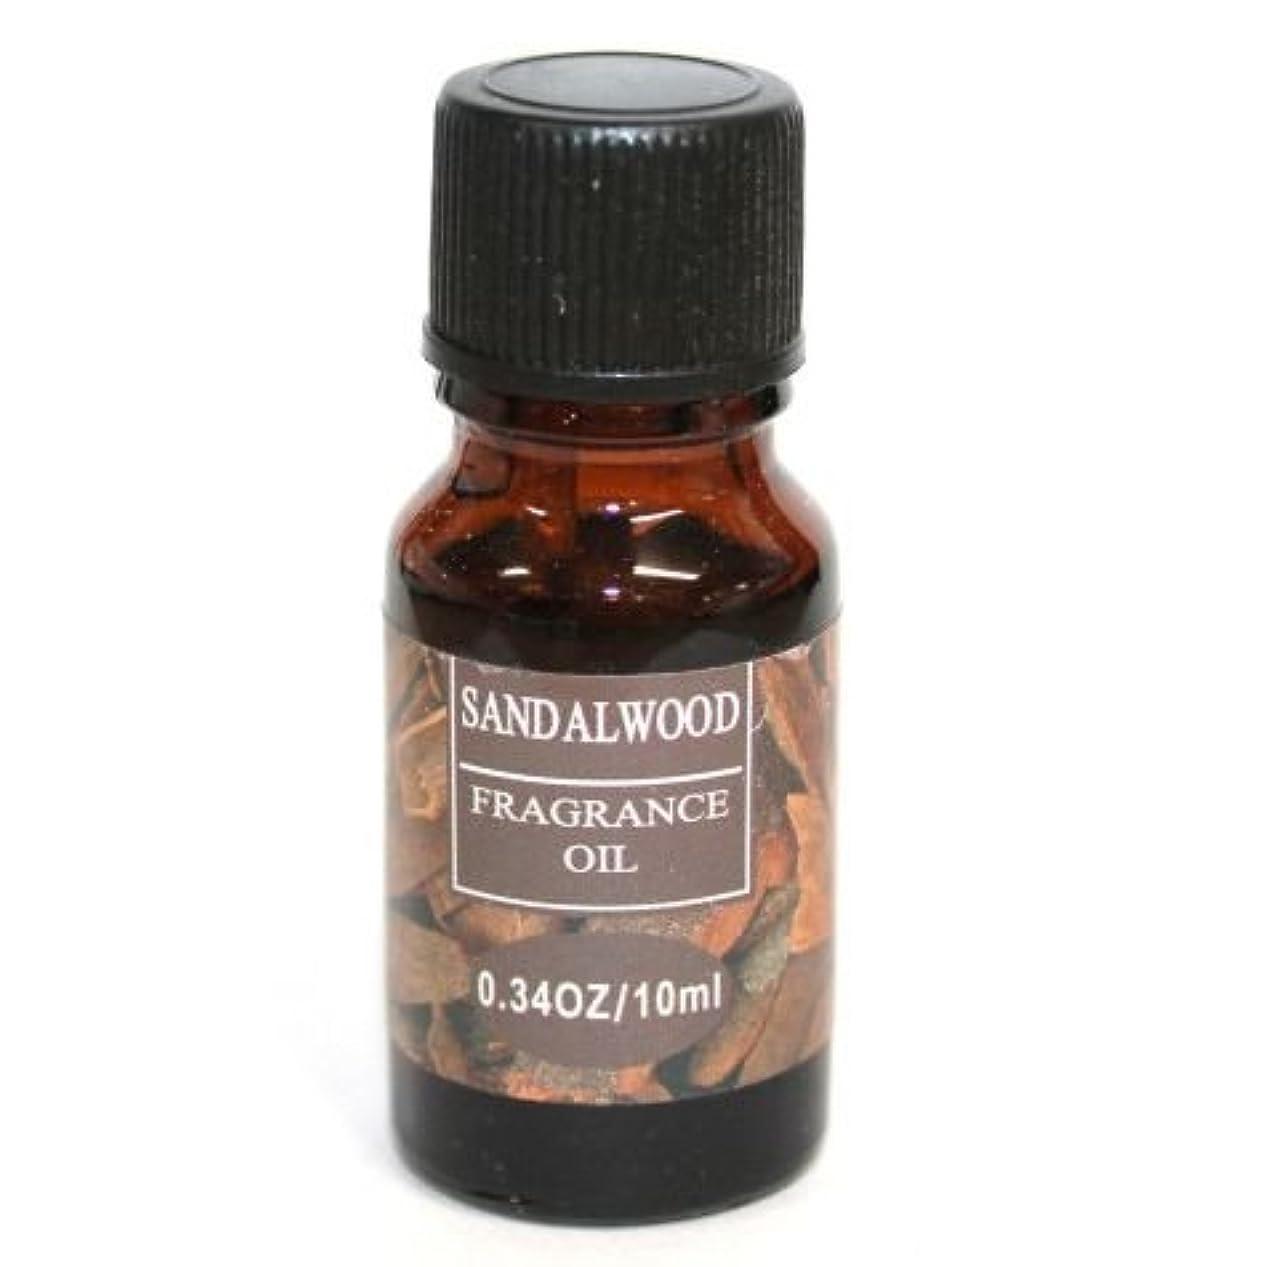 敬意を表するくしゃくしゃポジションRELAXING アロマオイル フレグランスオイル サンダルウッドの香り ビャクダン (白檀) RQ-03